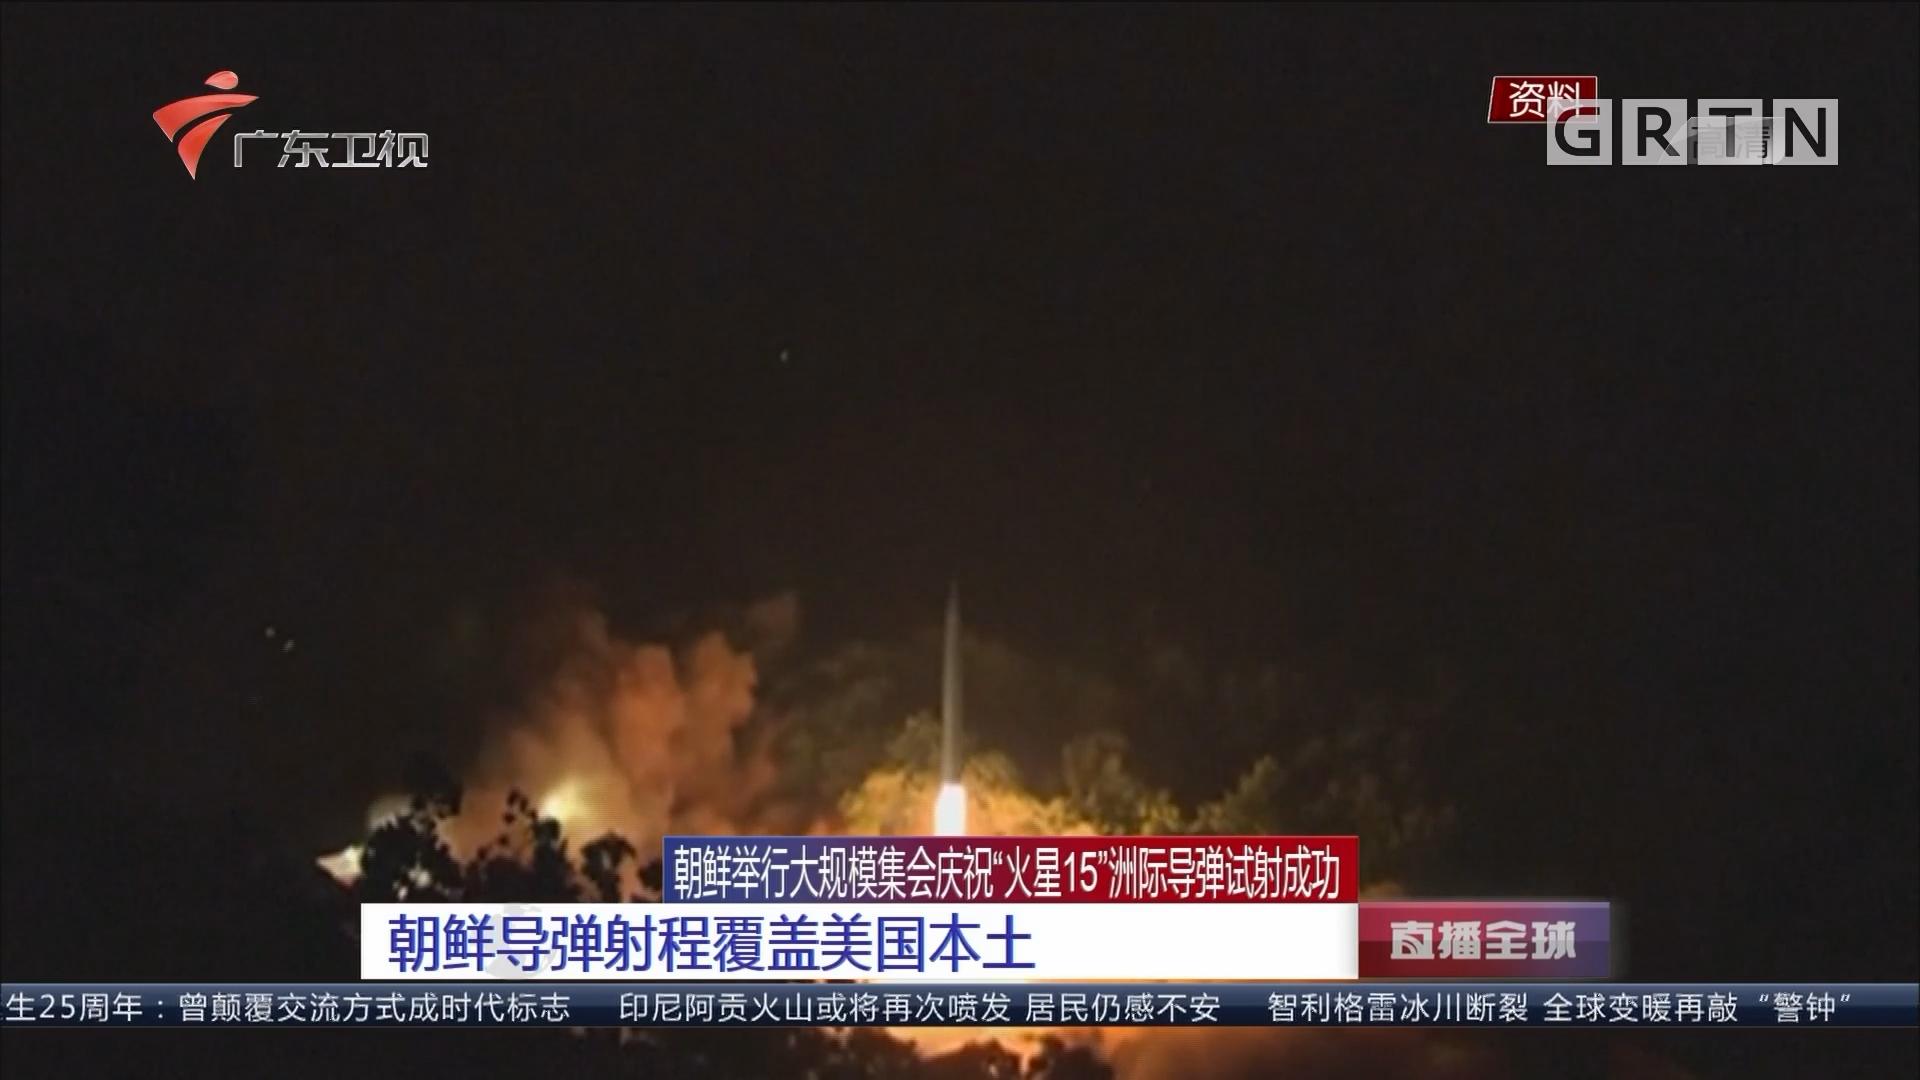 """朝鲜举行大规模集会庆祝""""火星15""""洲际导弹试射成功 朝鲜导弹射程覆盖美国本土"""